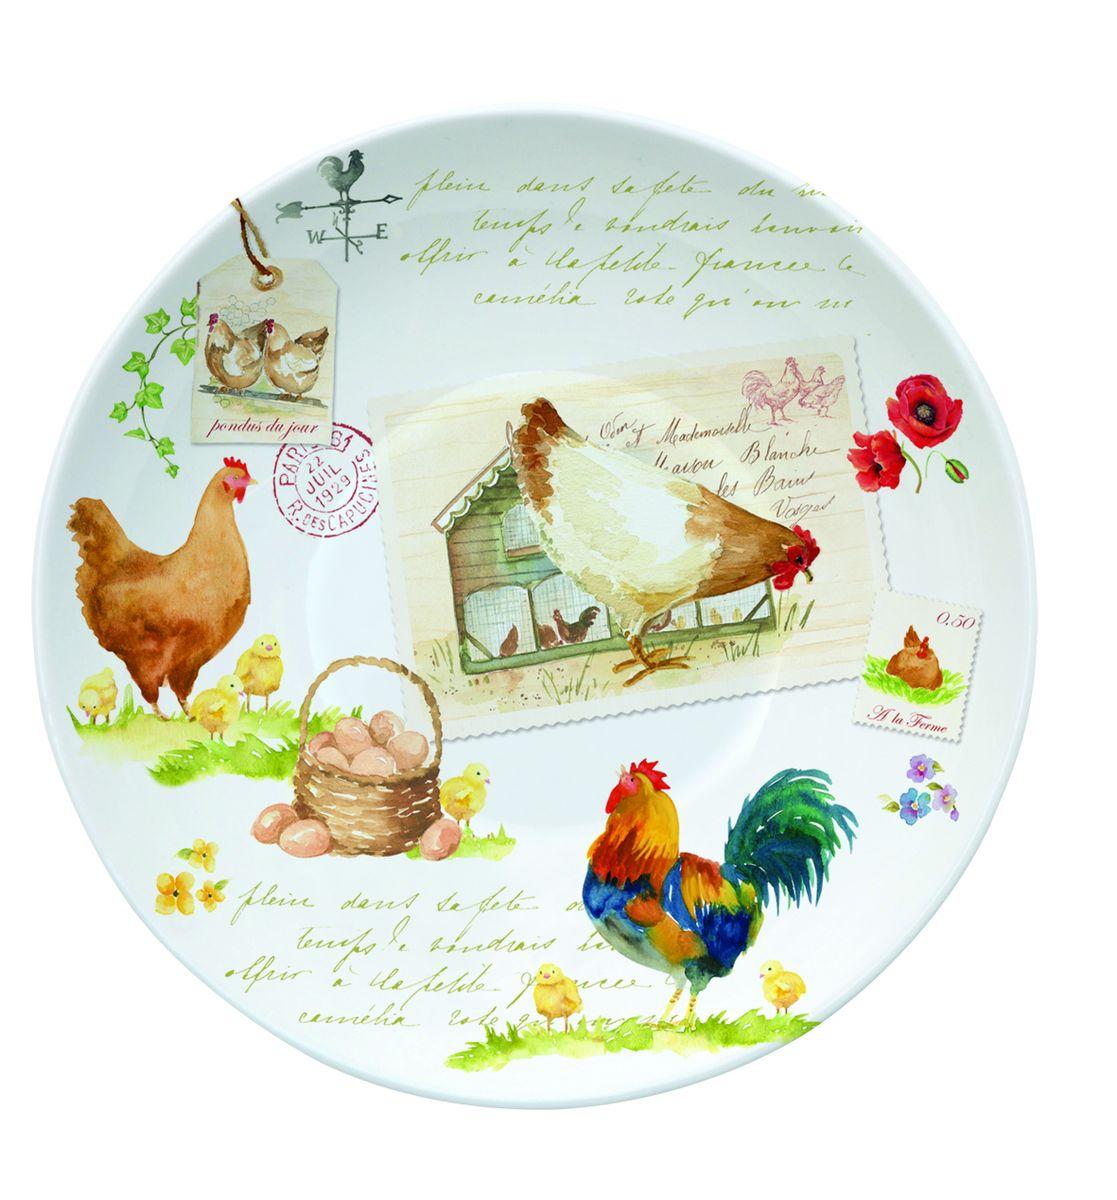 Блюдце Nuova R2S Петух и курица, диаметр 10 см338CTLIБлюдце Nuova R2S Петух и курица выполнено из высококачественного фарфора. Изделие оформлено оригинальным рисунком. Изящное блюдце не только красиво оформит стол к чаепитию, но и станет прекрасным подарком друзьям и близким. Диаметр блюдца: 10 см.